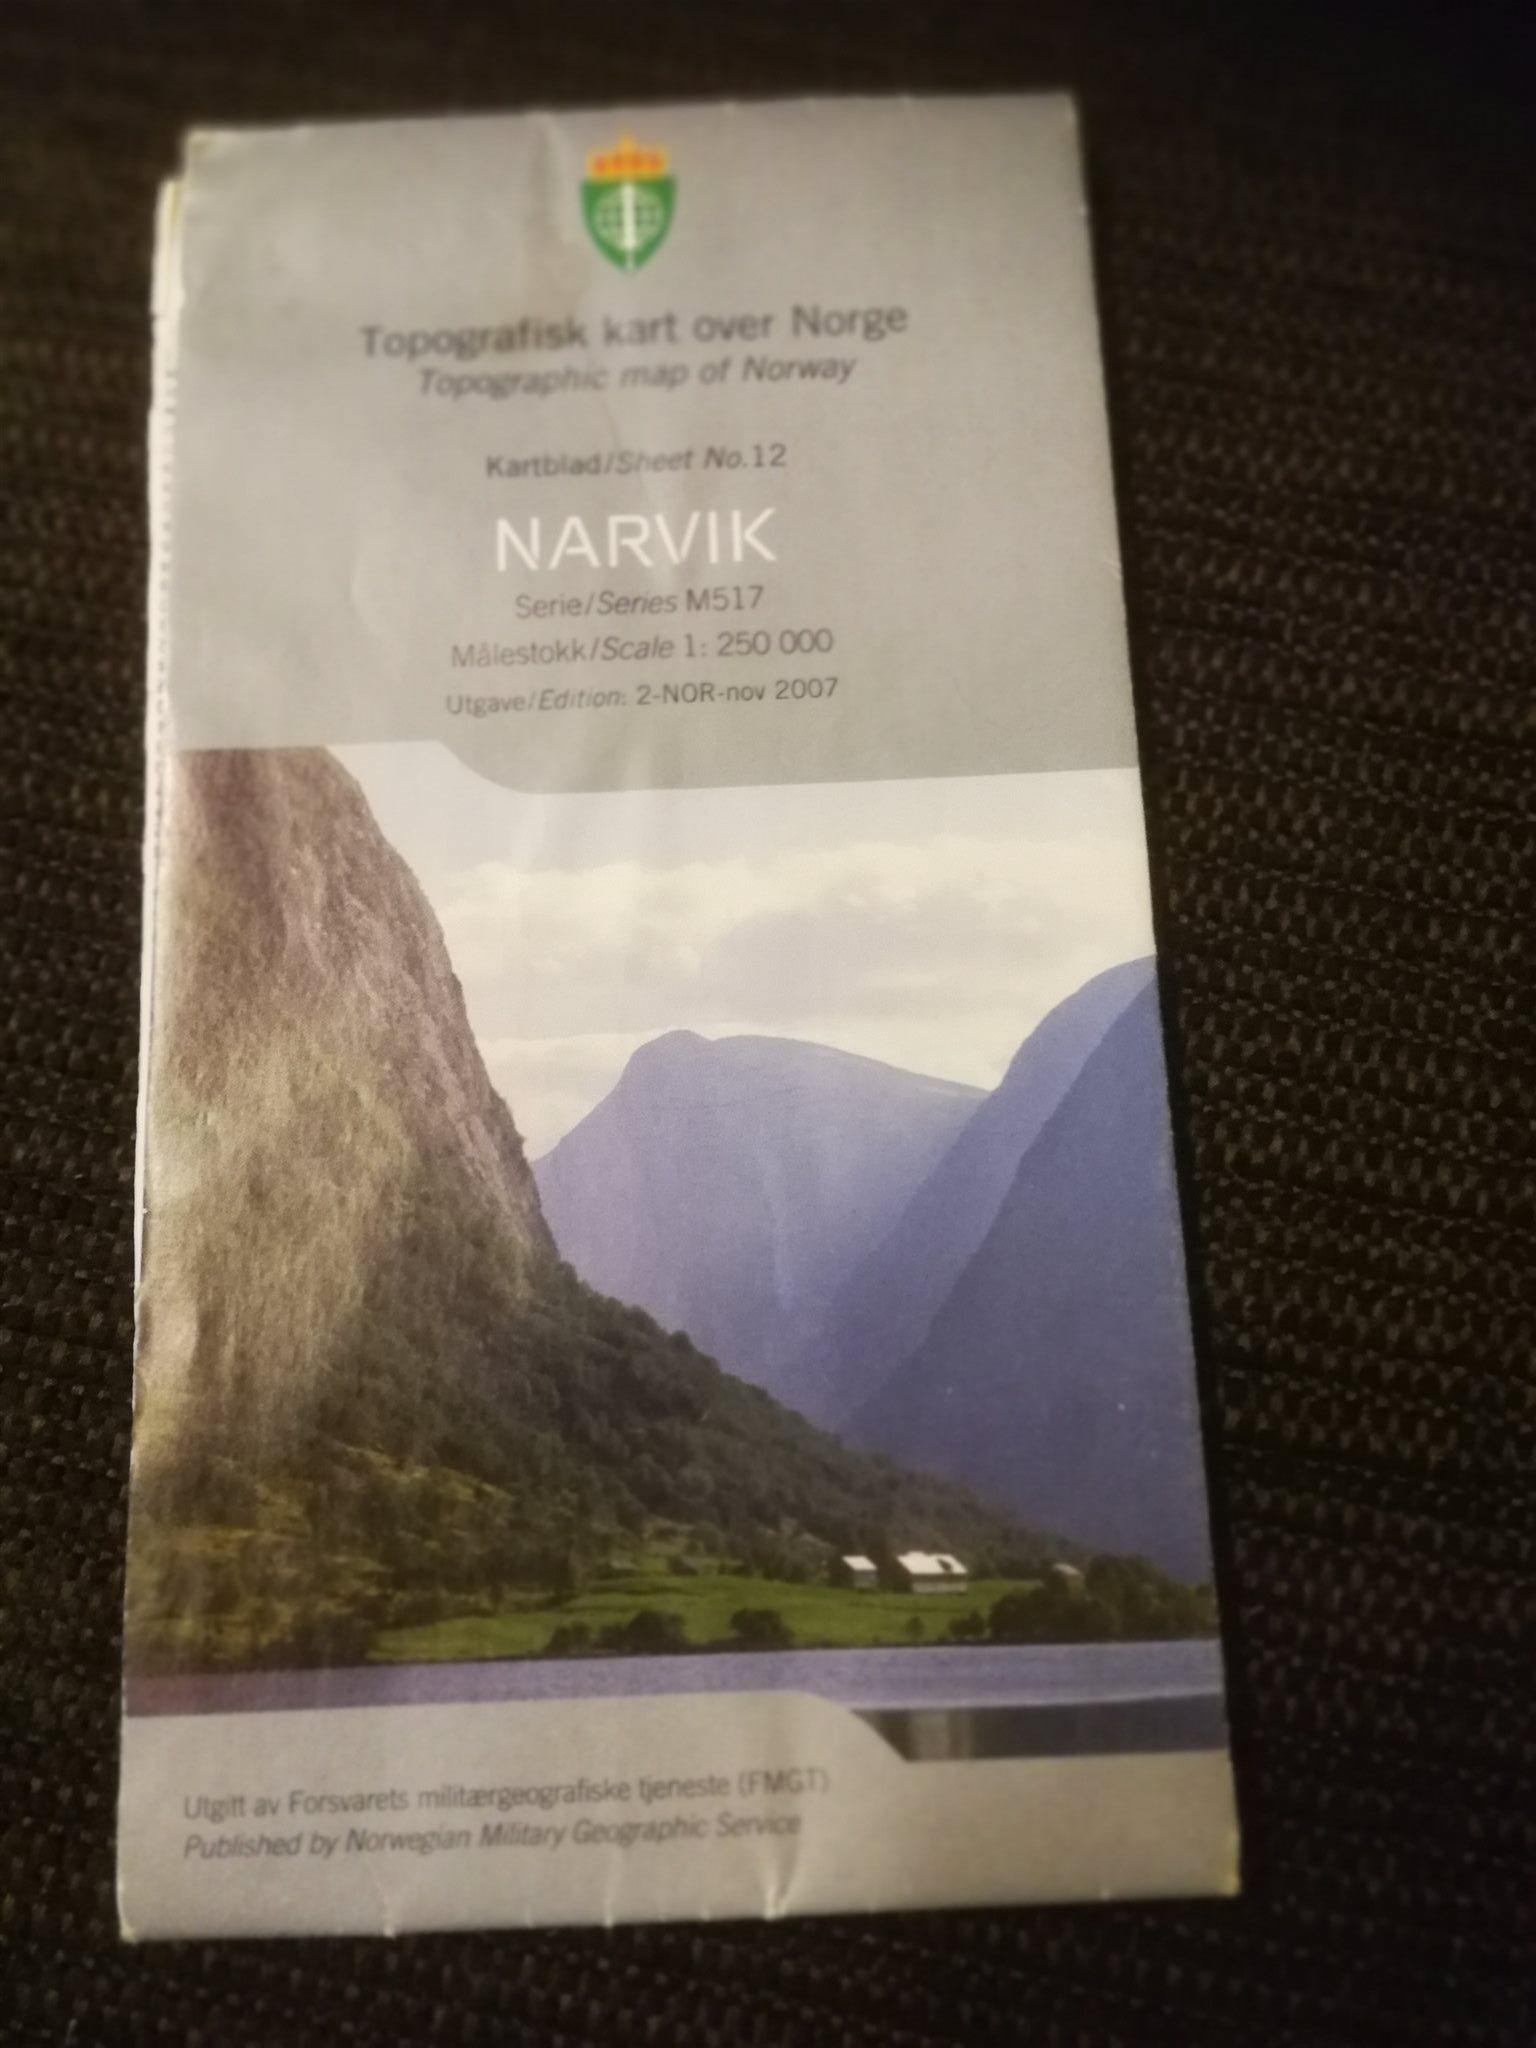 Karta Syd Norge.Karta Topografisk Kart Over Norge M517 Narvik 333703497 ᐈ Kop